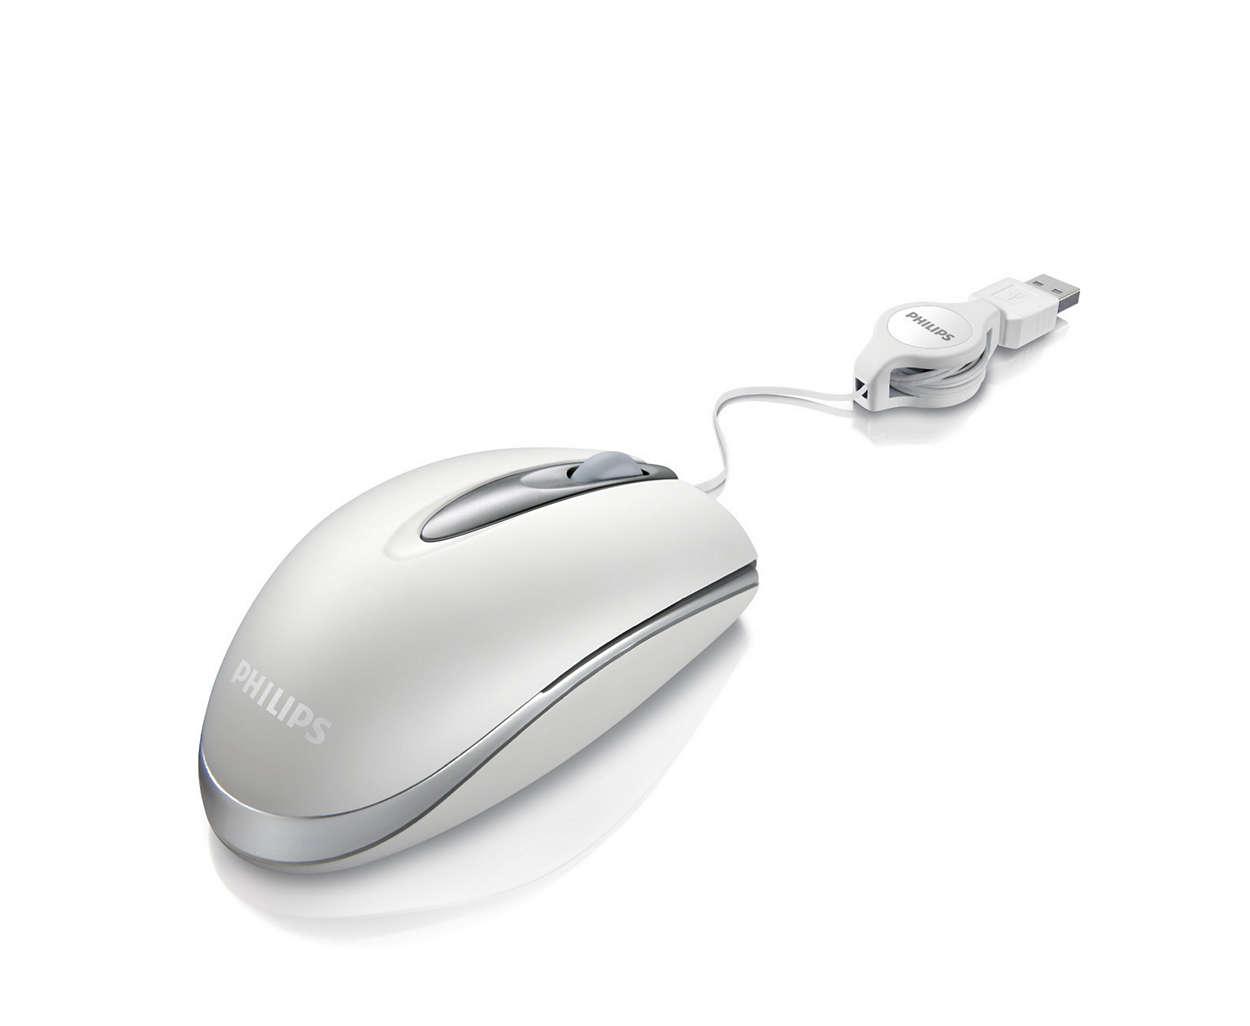 有線筆記簿型電腦滑鼠